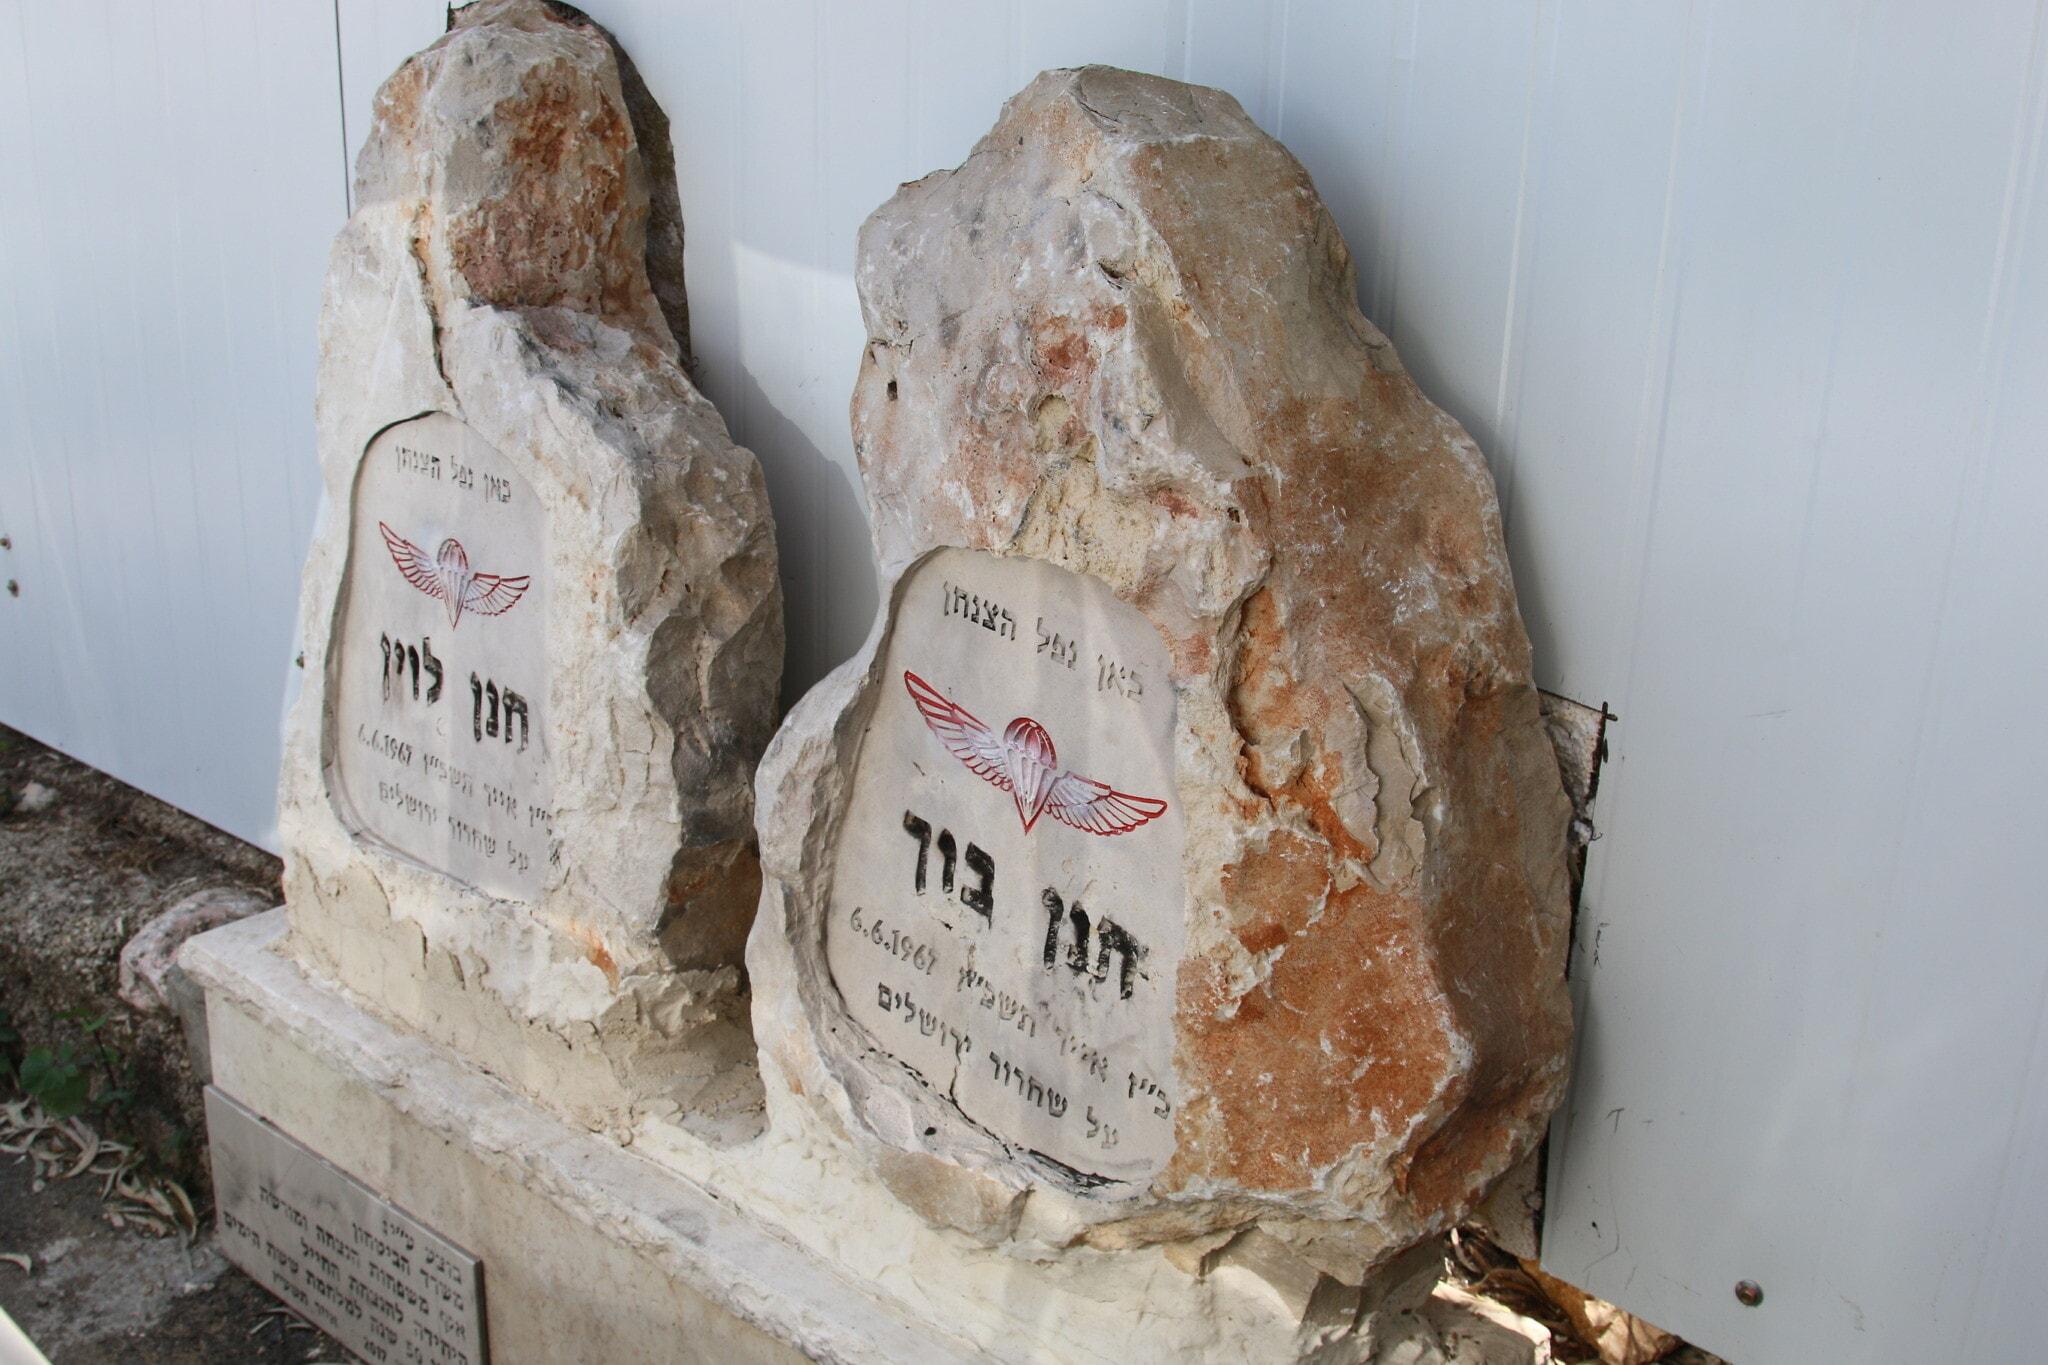 שתי מצבות לזכר חנן בוך וחנן לוין ברחוב גמול בירושלים (צילום: שמואל בר-עם)